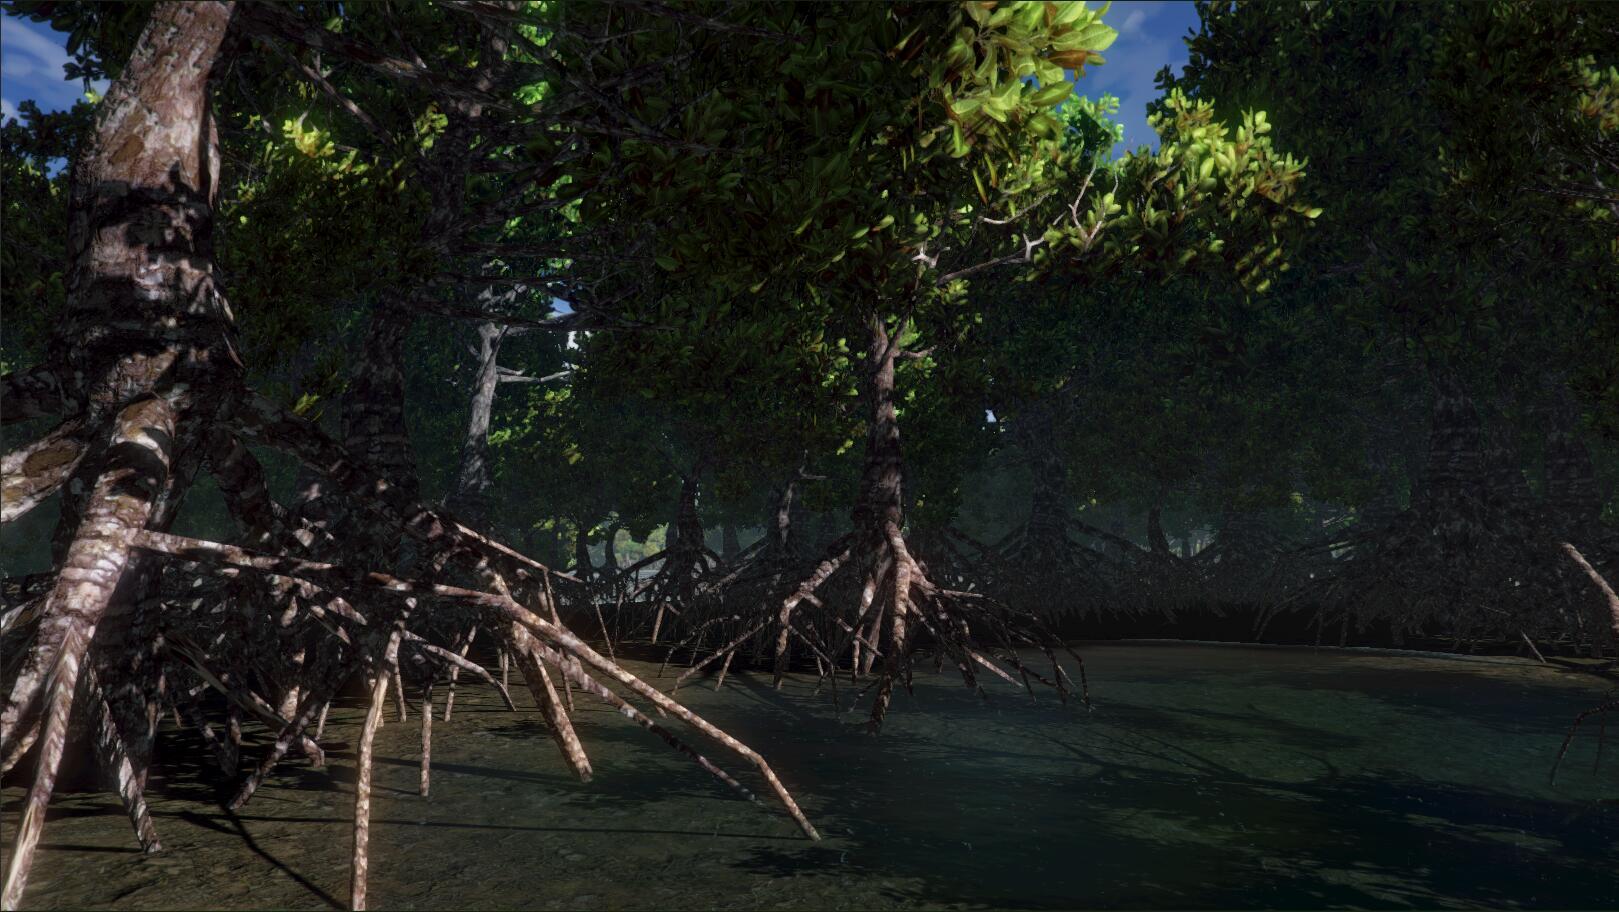 MangroveScene01